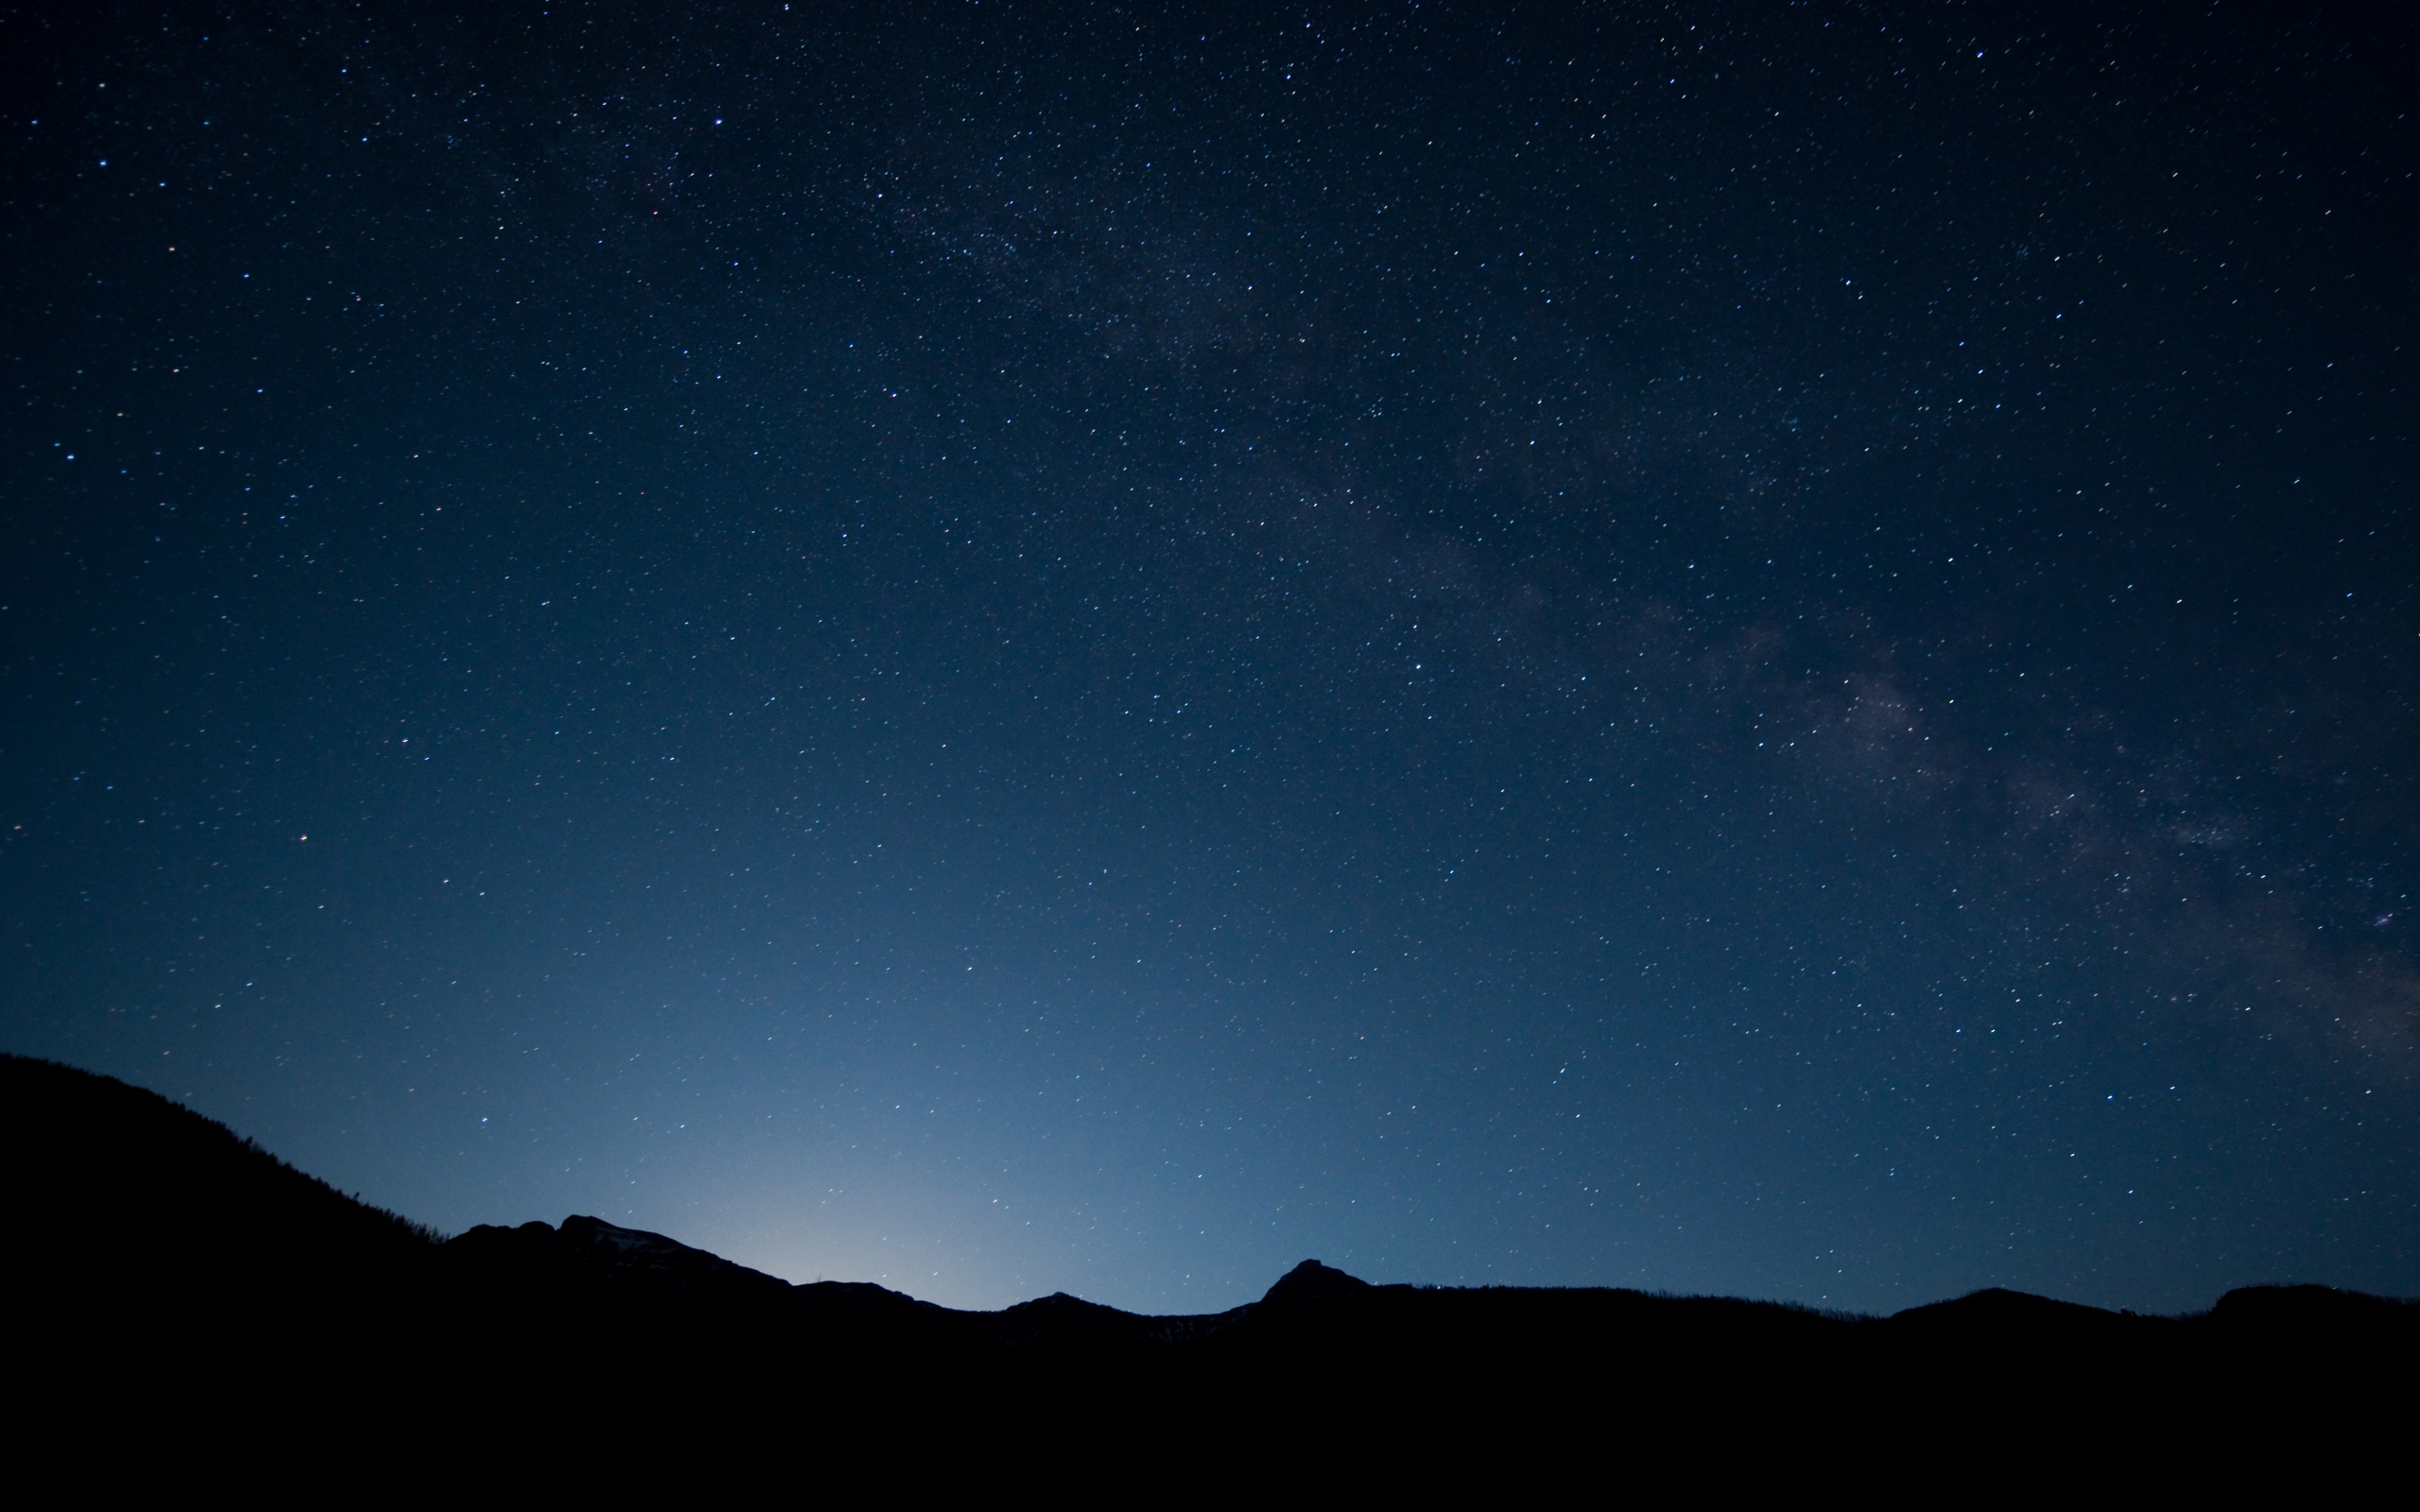 18161 скачать обои Пейзаж, Небо, Звезды, Ночь - заставки и картинки бесплатно